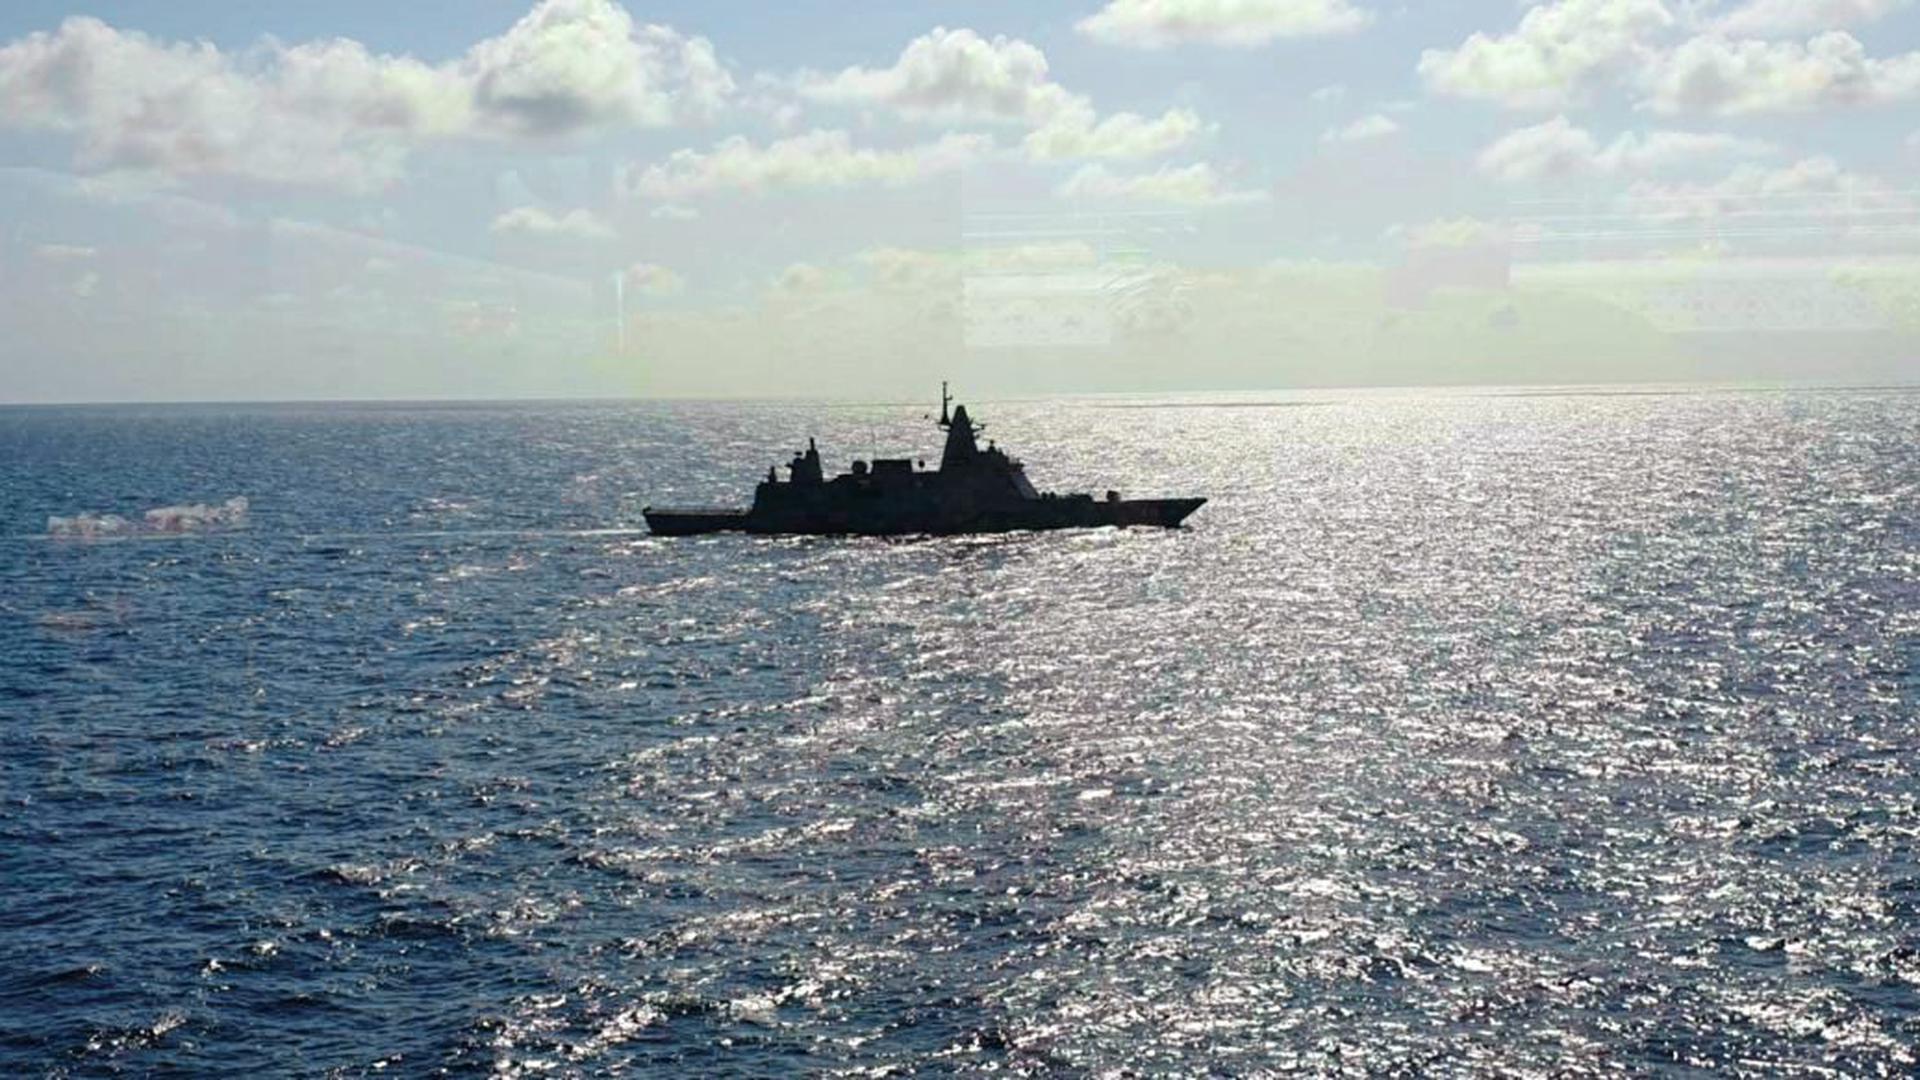 Ein Militärschiff hat die Fahrt der MS Westerdam gestoppt.